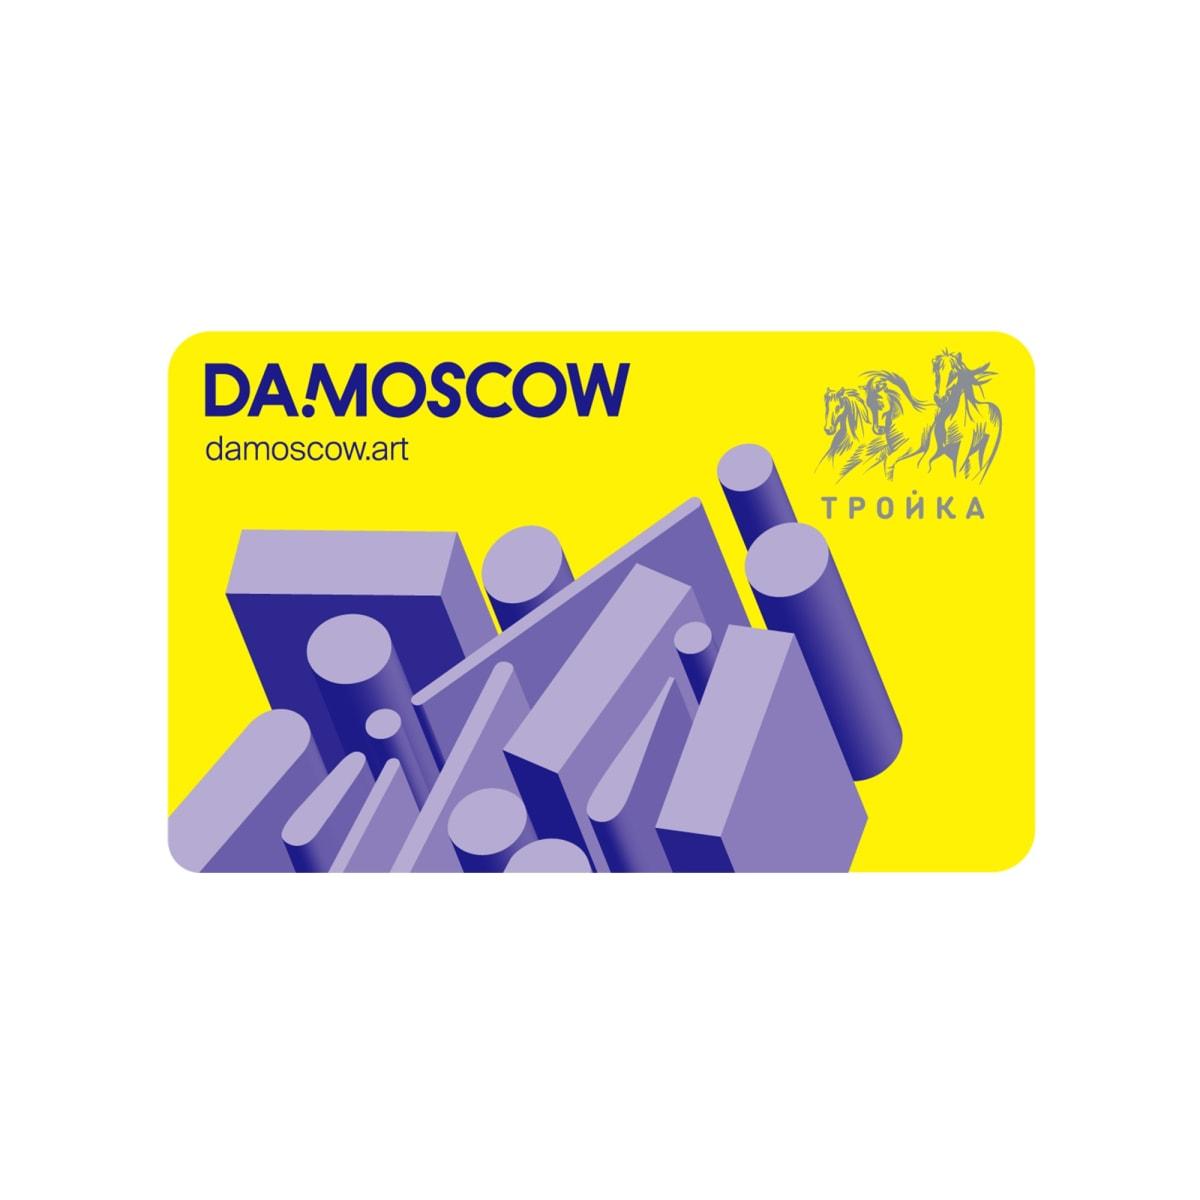 Ограниченный тираж Транспортной карты Тройка, DA!MOSCOW Troyka Moscow metropoliten card Limited Edition